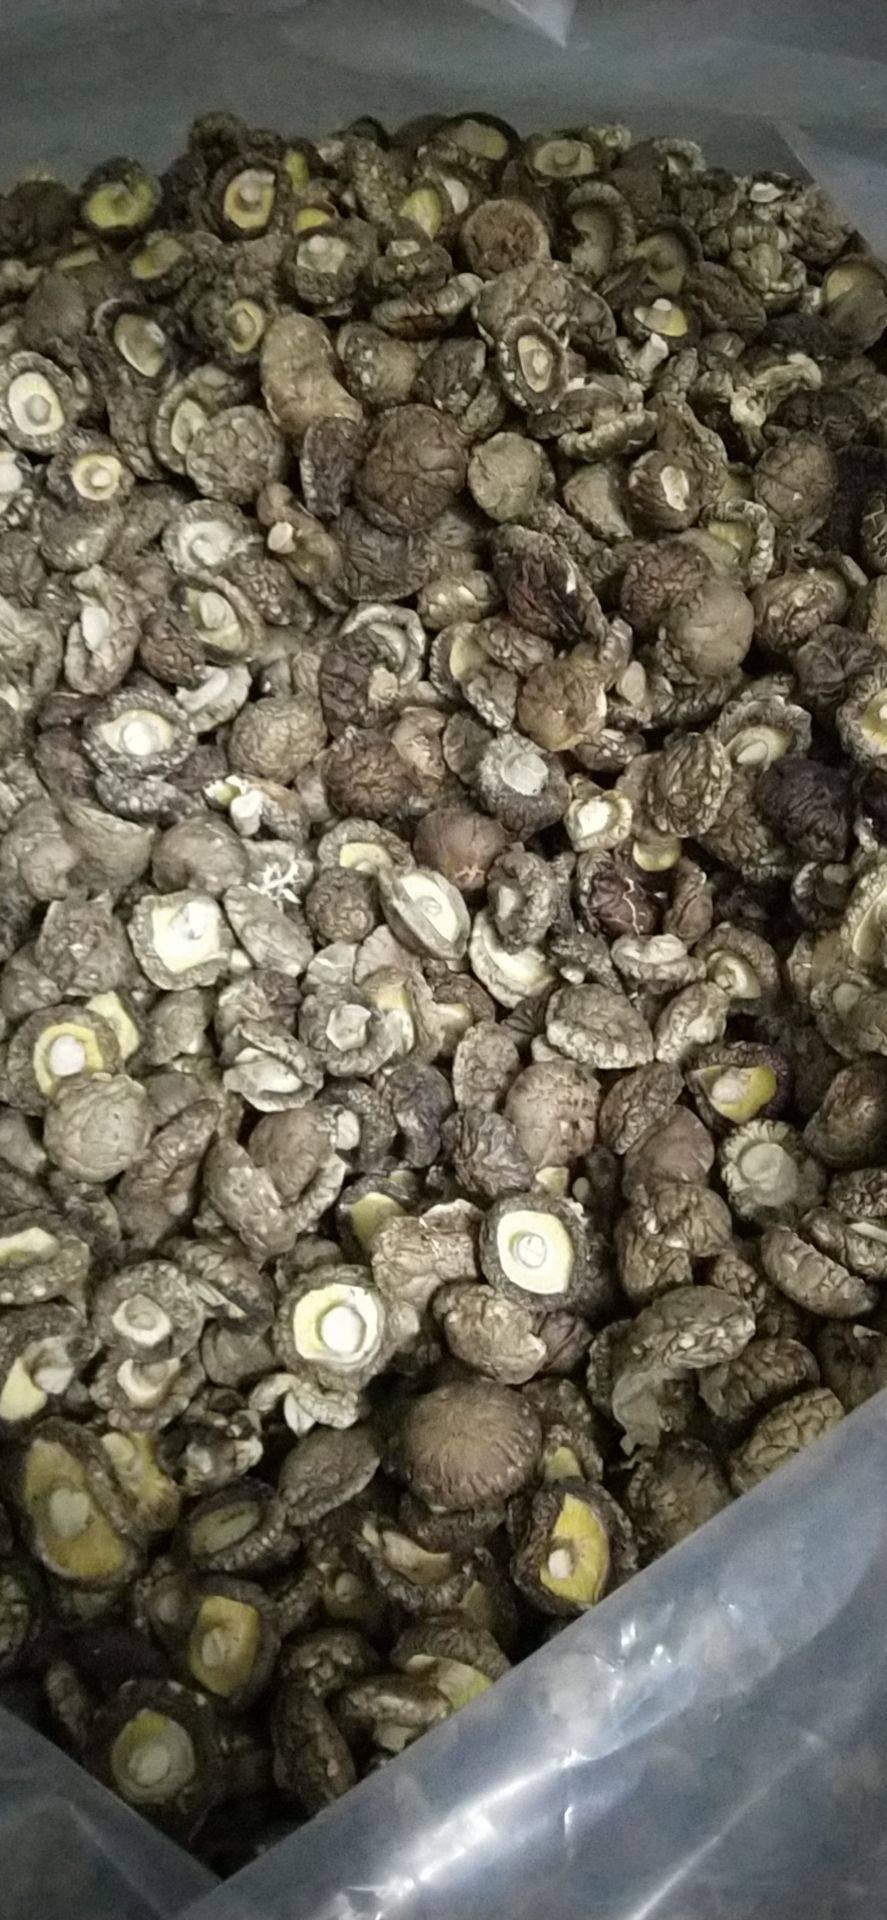 [金钱菇批发]河南内乡菇乡味香精品金钱菇1袋包邮试吃装价格25元/斤